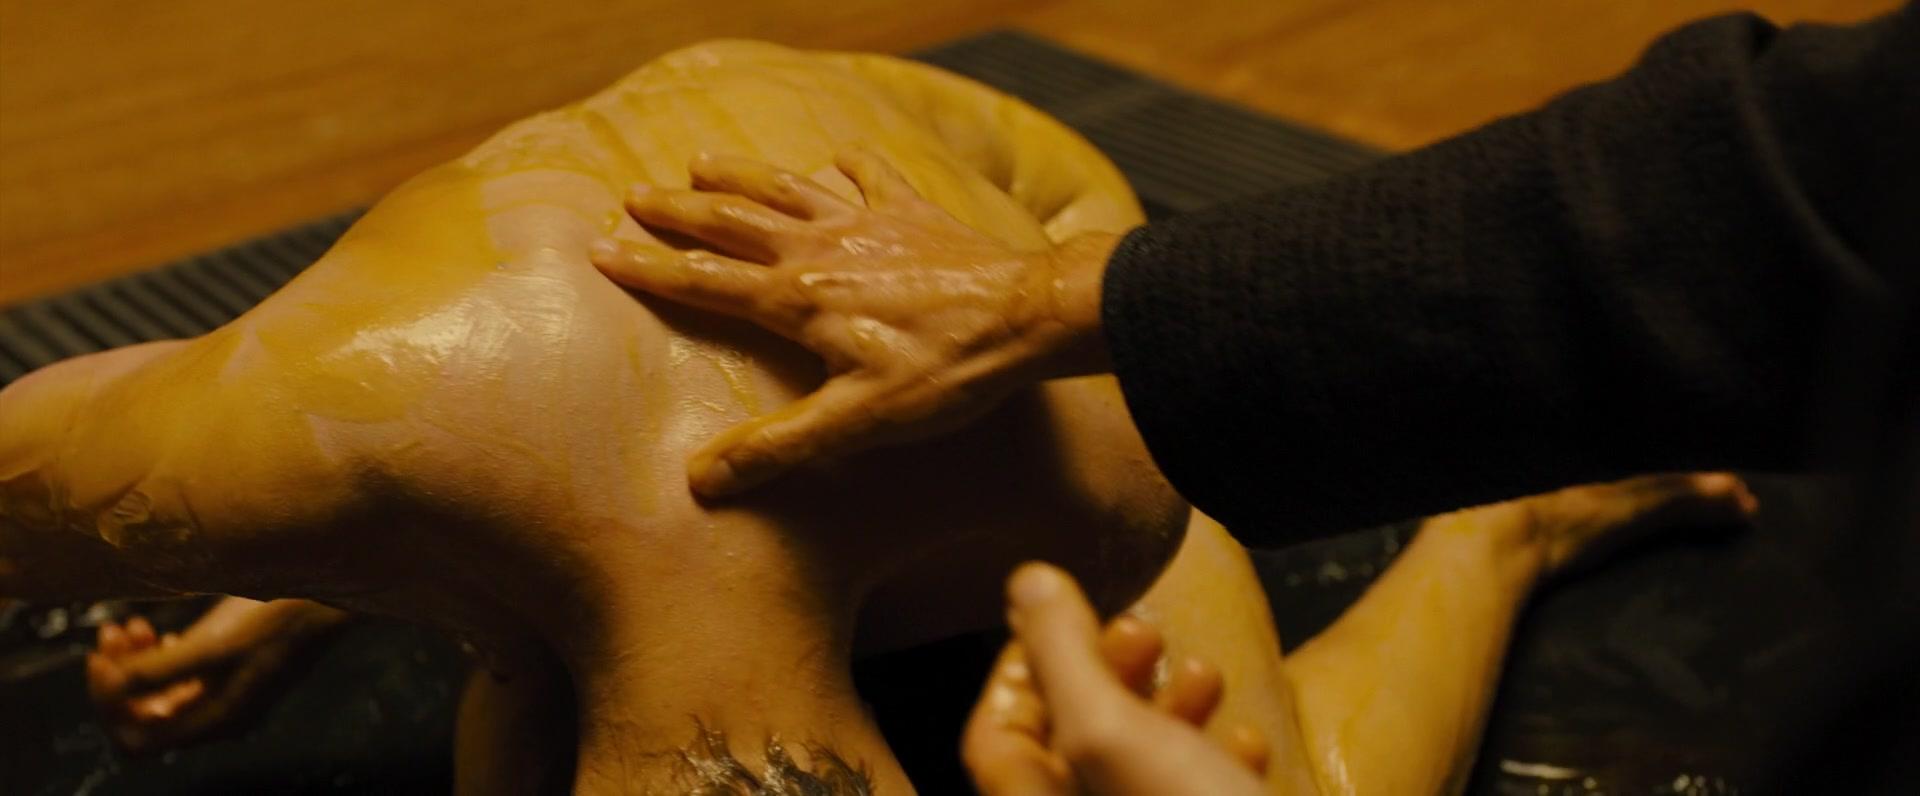 Ana-de-Armas-Sallie-Harmsen-Mackenzie-Davis-etc-Nude-16-thefappeningblog.com_.jpg